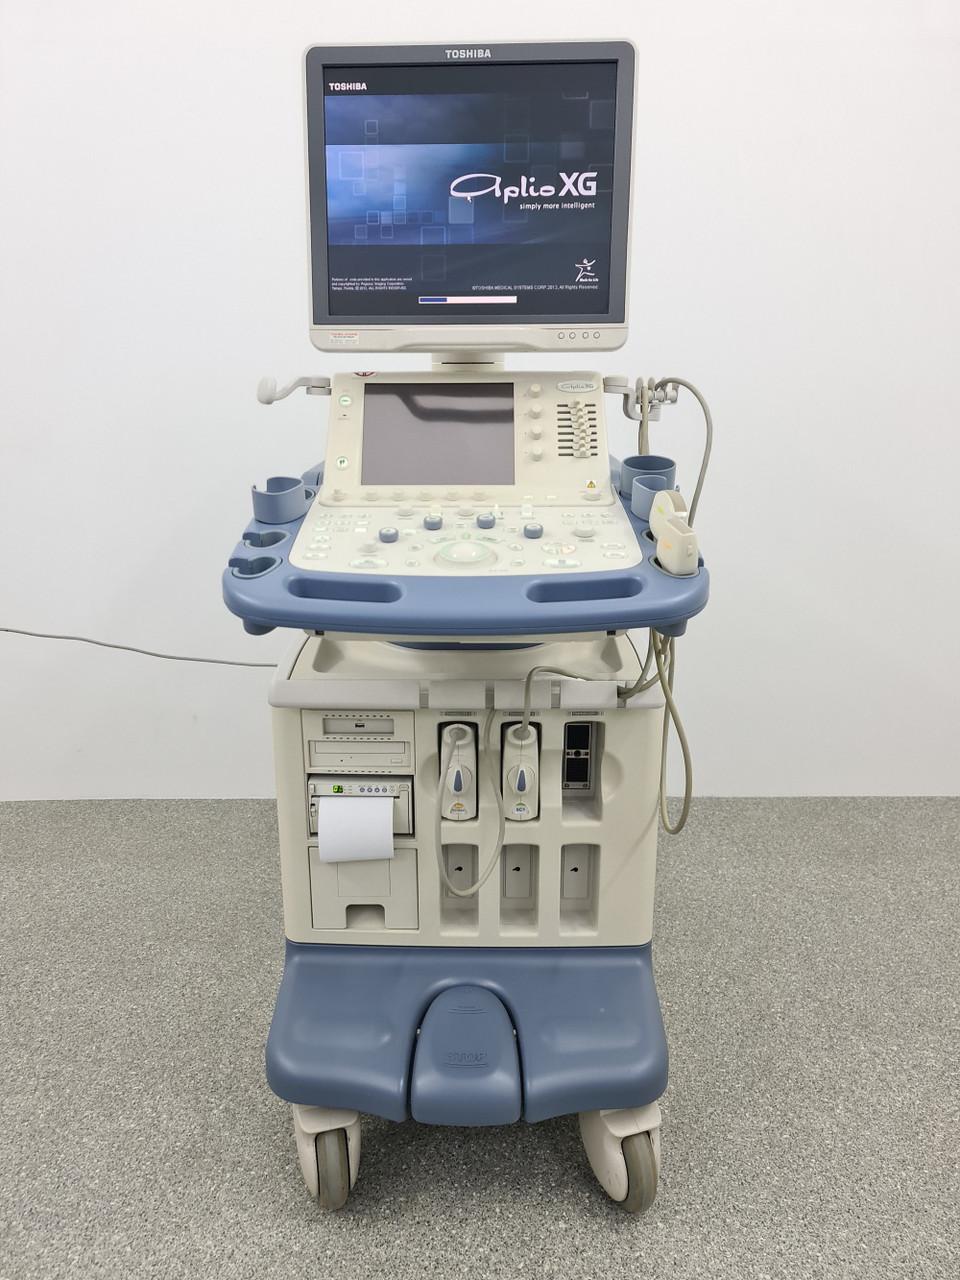 УЗД апарат Toshiba Aplio XG (SSA-790A) + 3 датчика